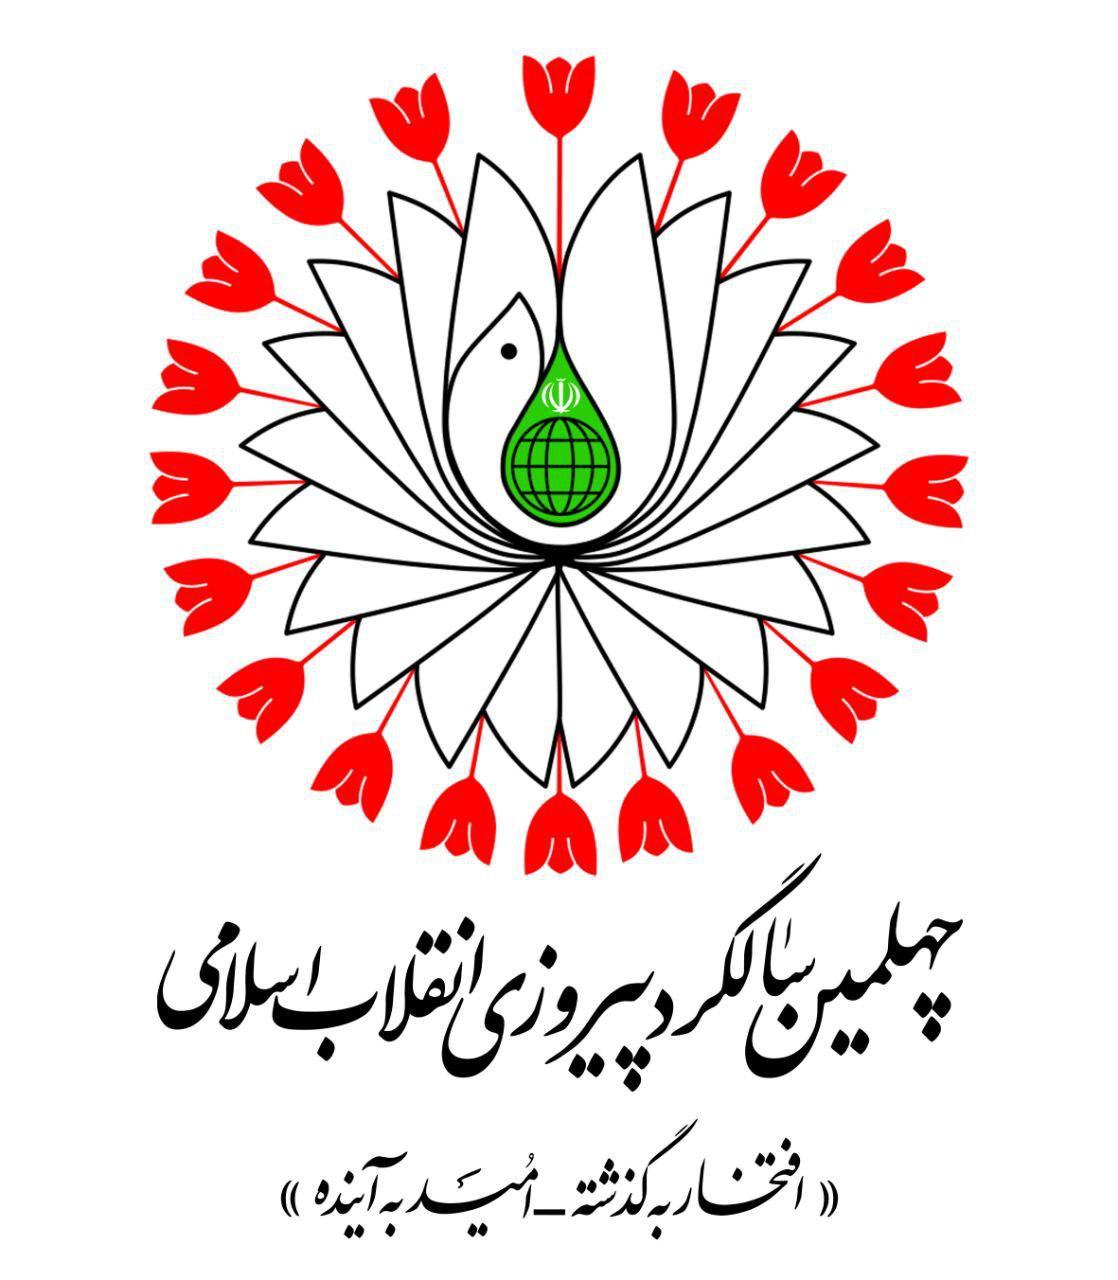 یک روز پرنشاط برای جامعه کارگری در ایام الله دهه مبارک فجر